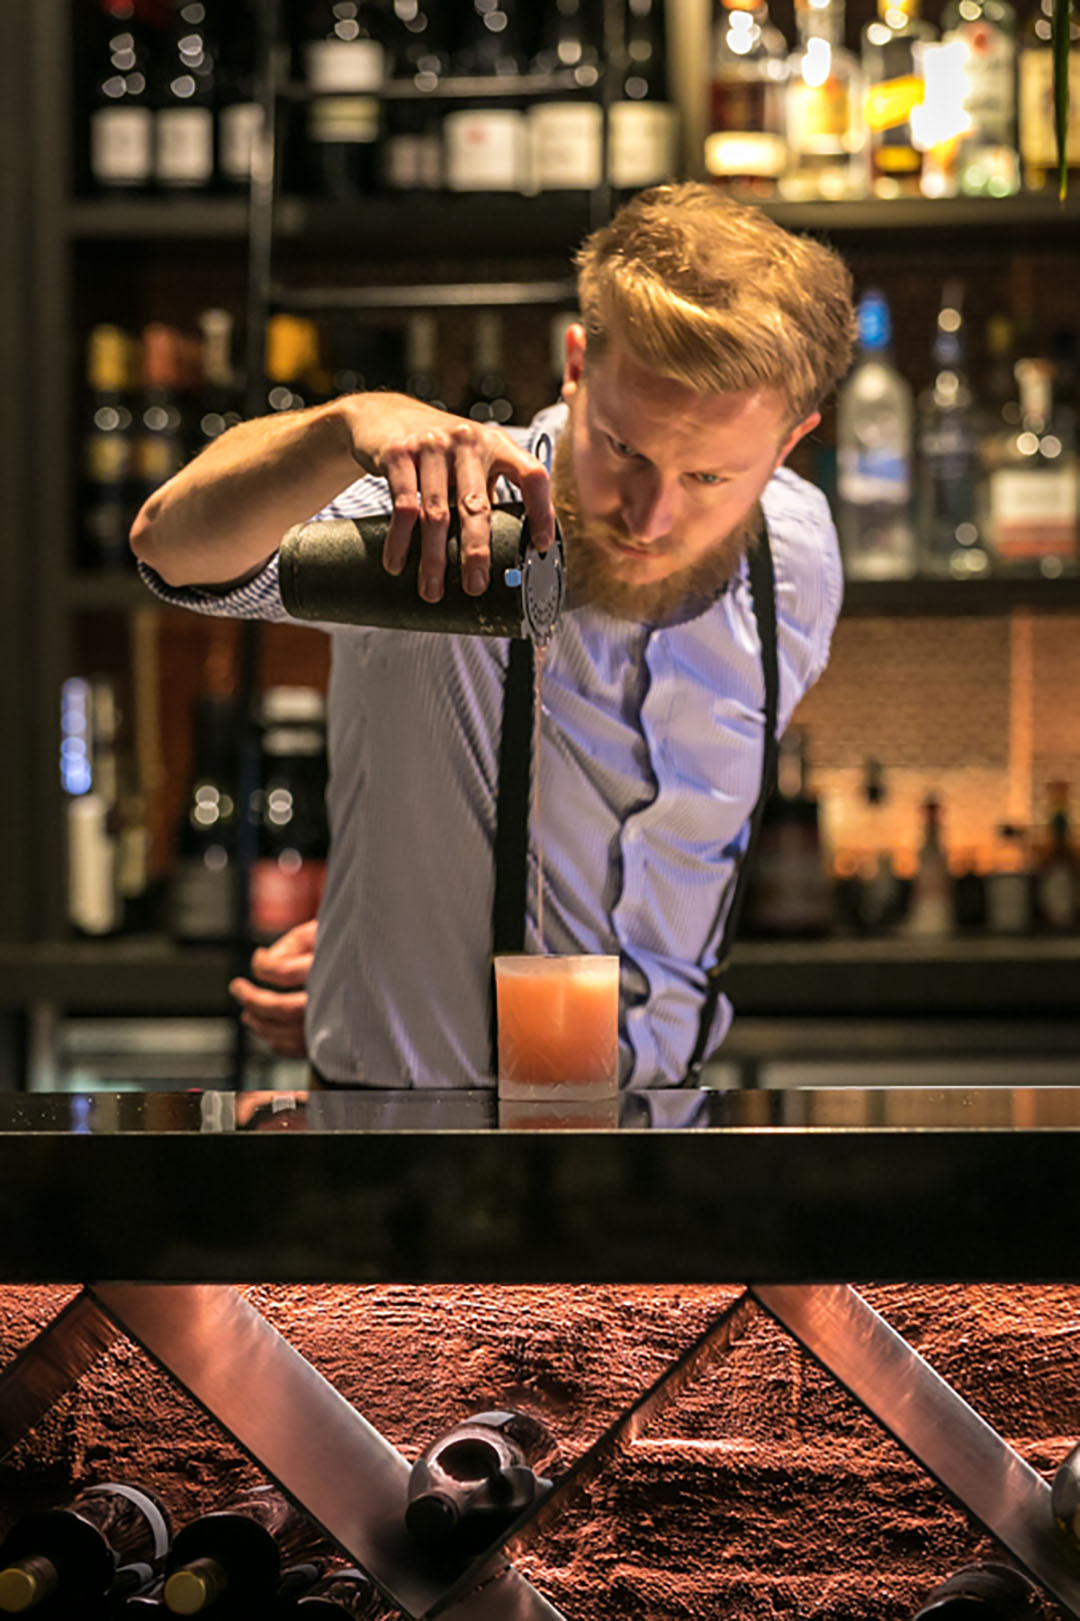 waiter-bar.jpg